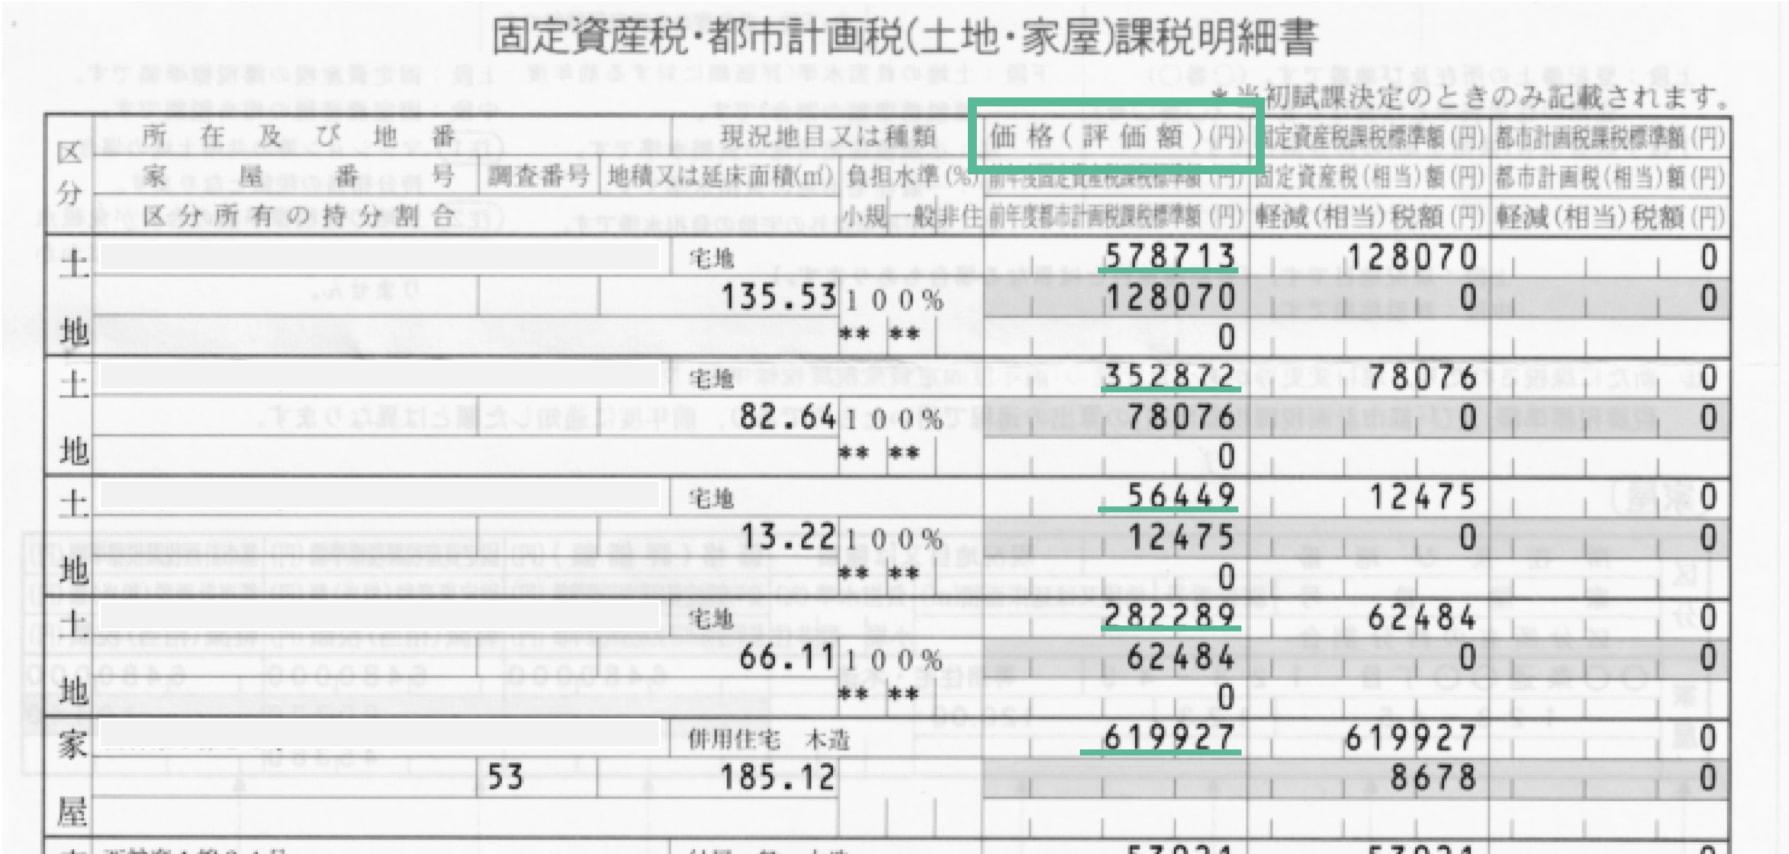 固定資産税課税明細書・サンプル